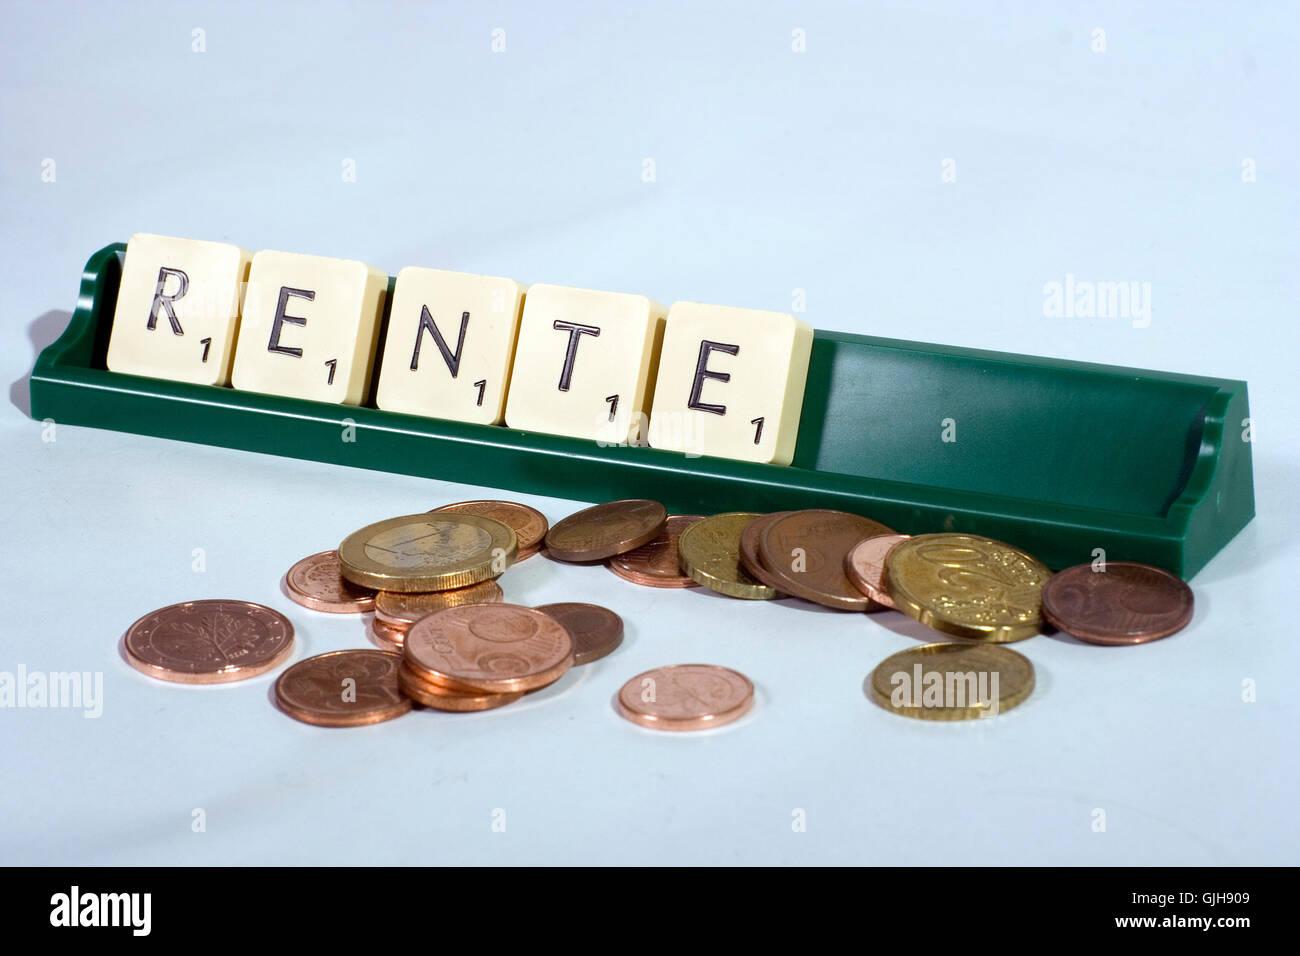 provision retirement arrangement social Stock Photo